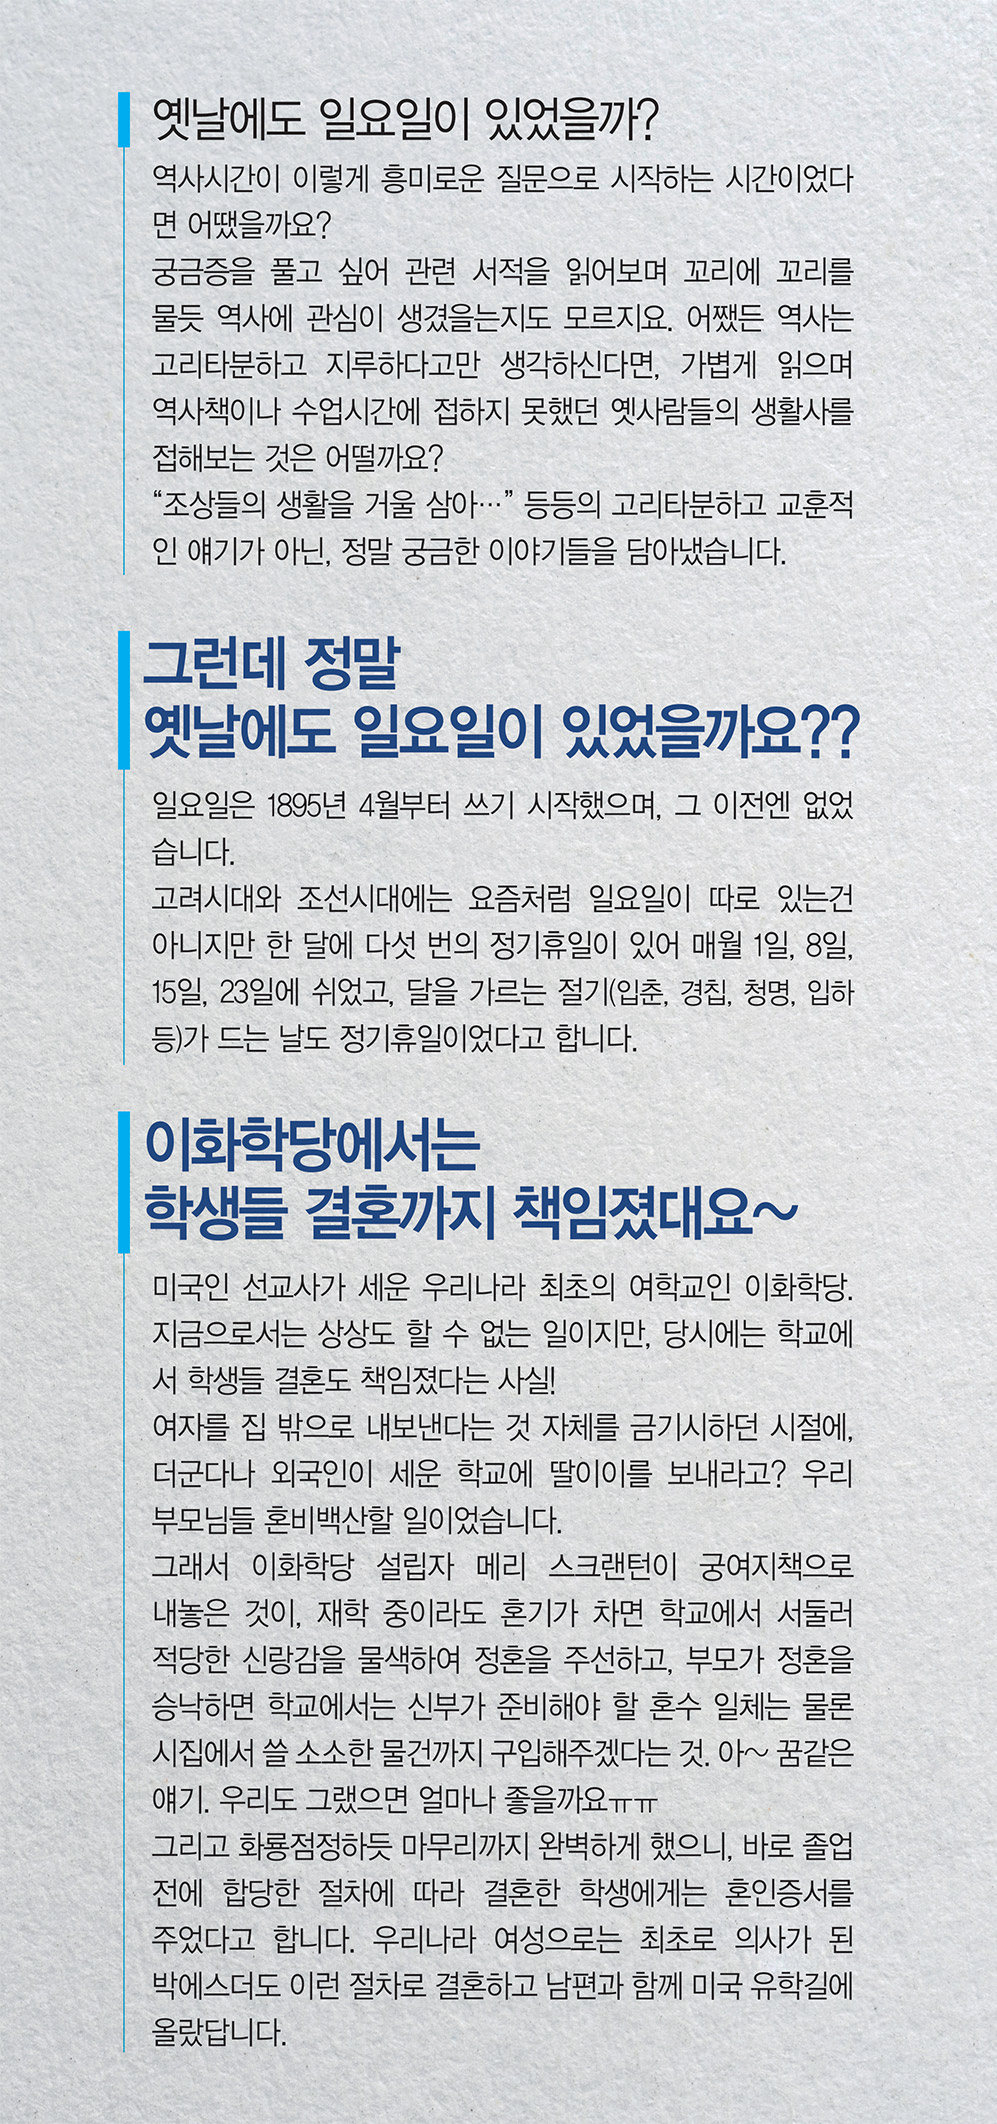 역사문화web_05.jpg